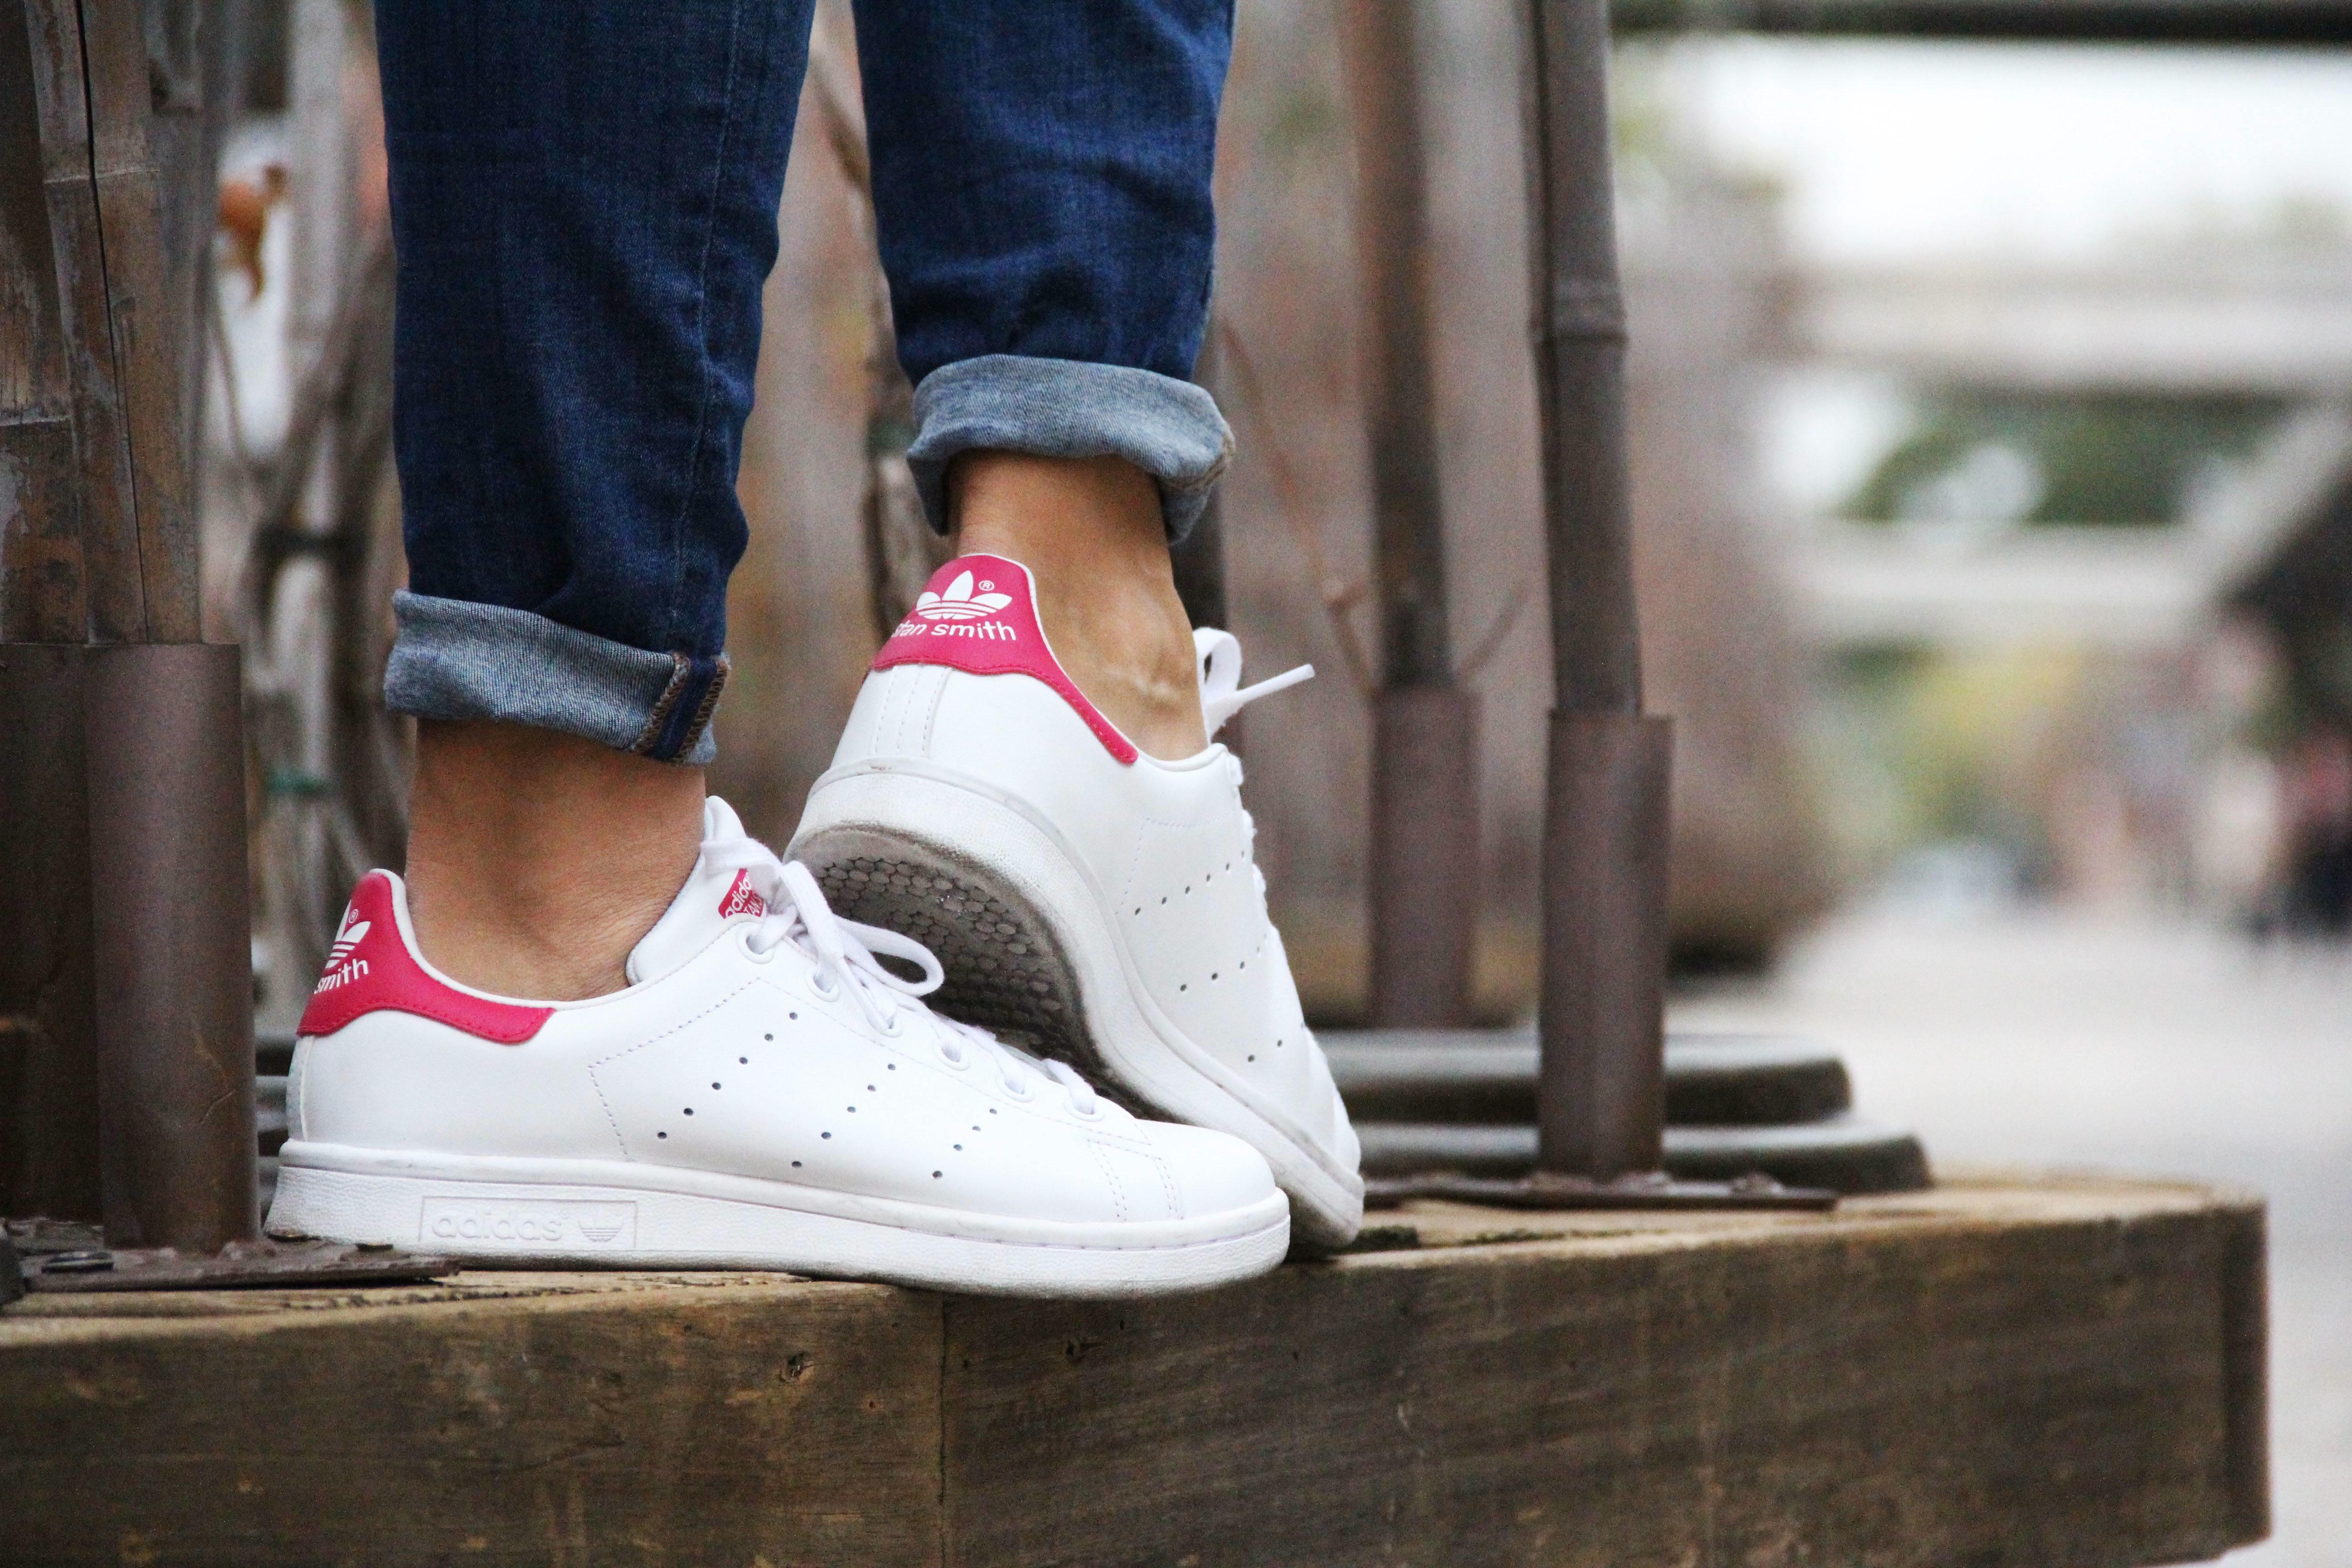 11_Less_is_more-ripped_jeans-compañía_fantástica-zapatillas_blancas-sneackers-gorro_de_pelo-blazer_de_cuadros-outfit-street_style-outfit-fashion_blogger